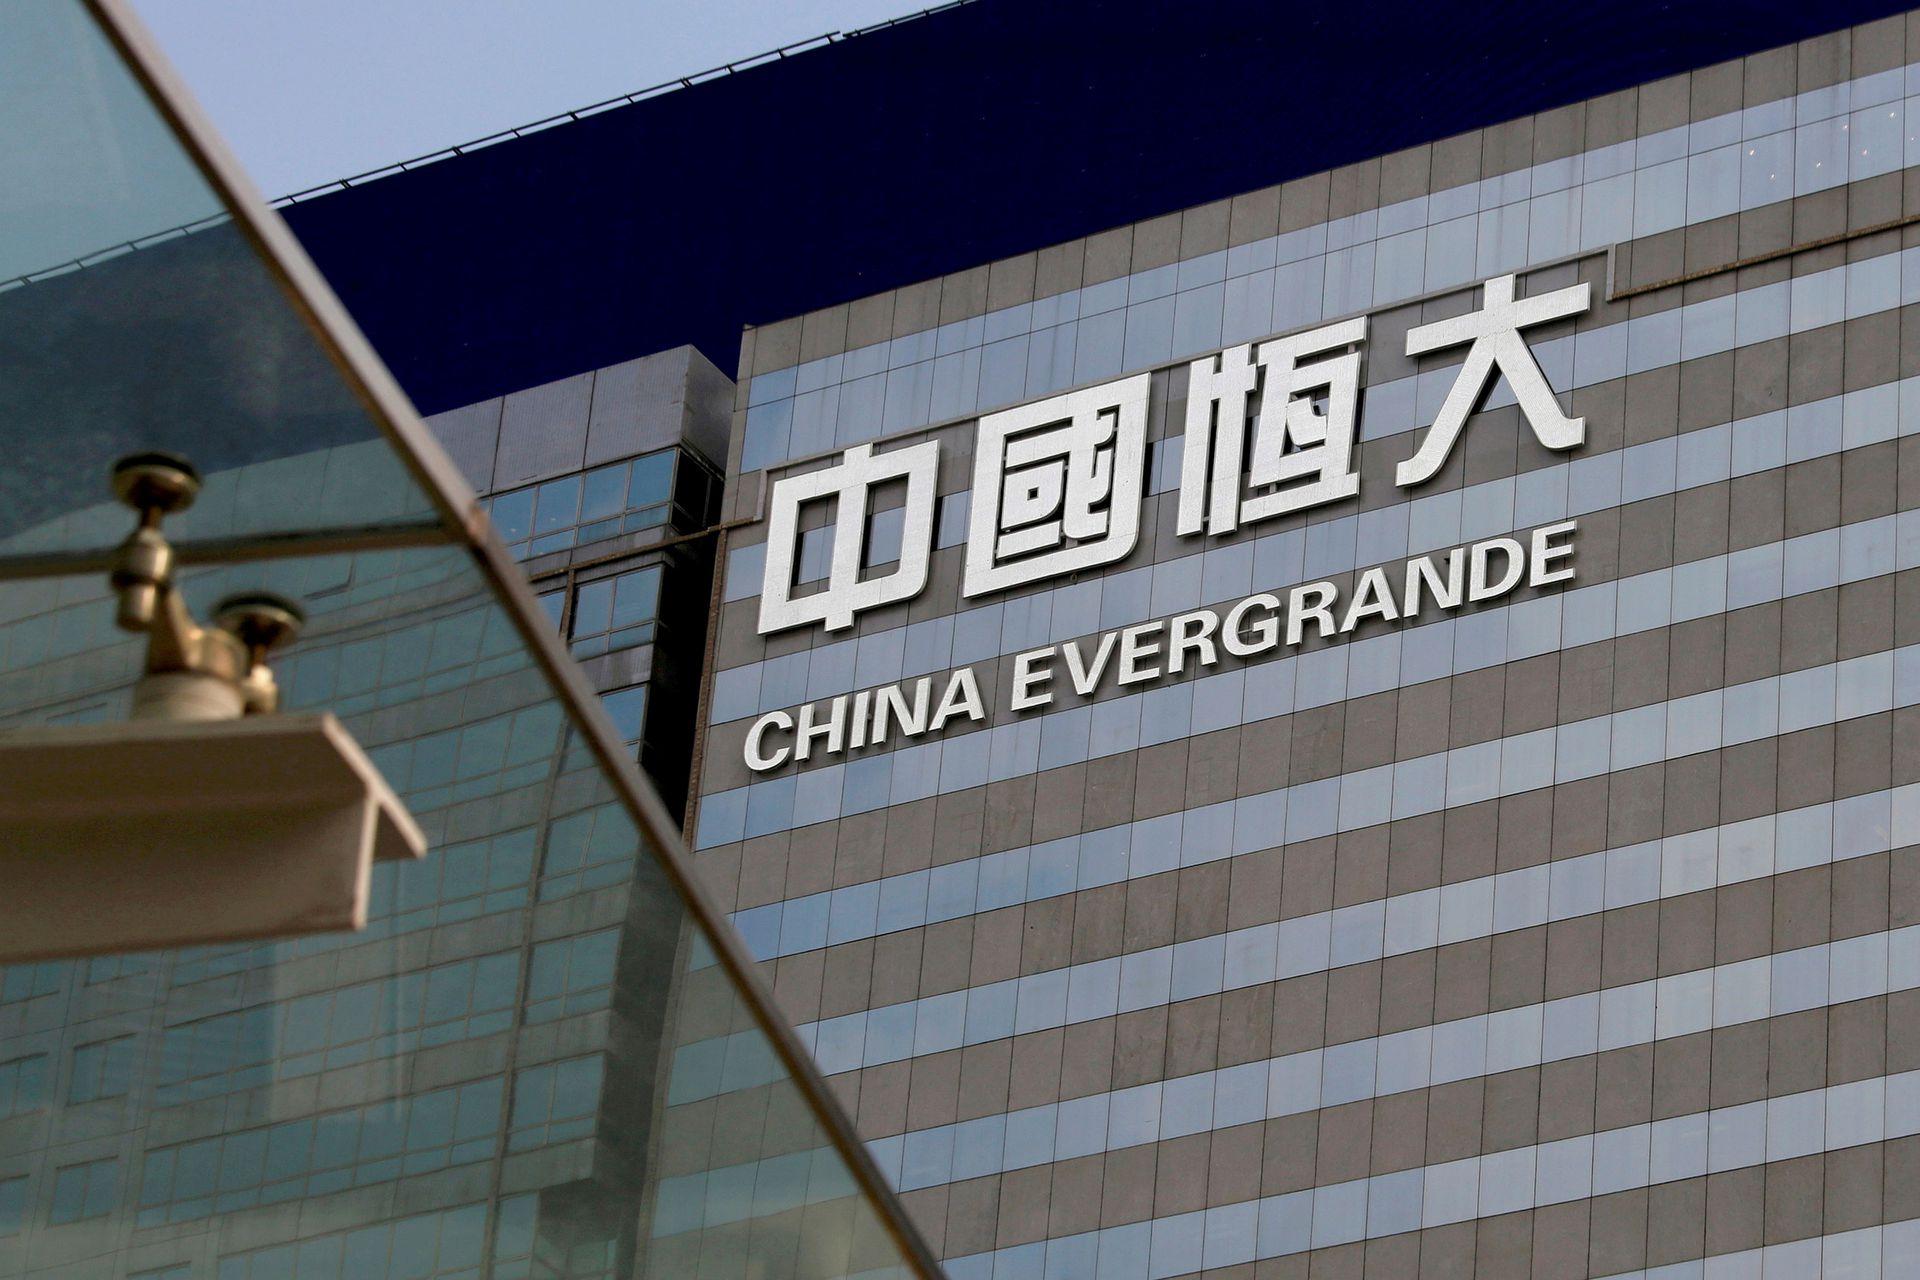 S&P Global Ratings: Evergrande khả năng cao vỡ nợ nếu không được hỗ trợ trực tiếp